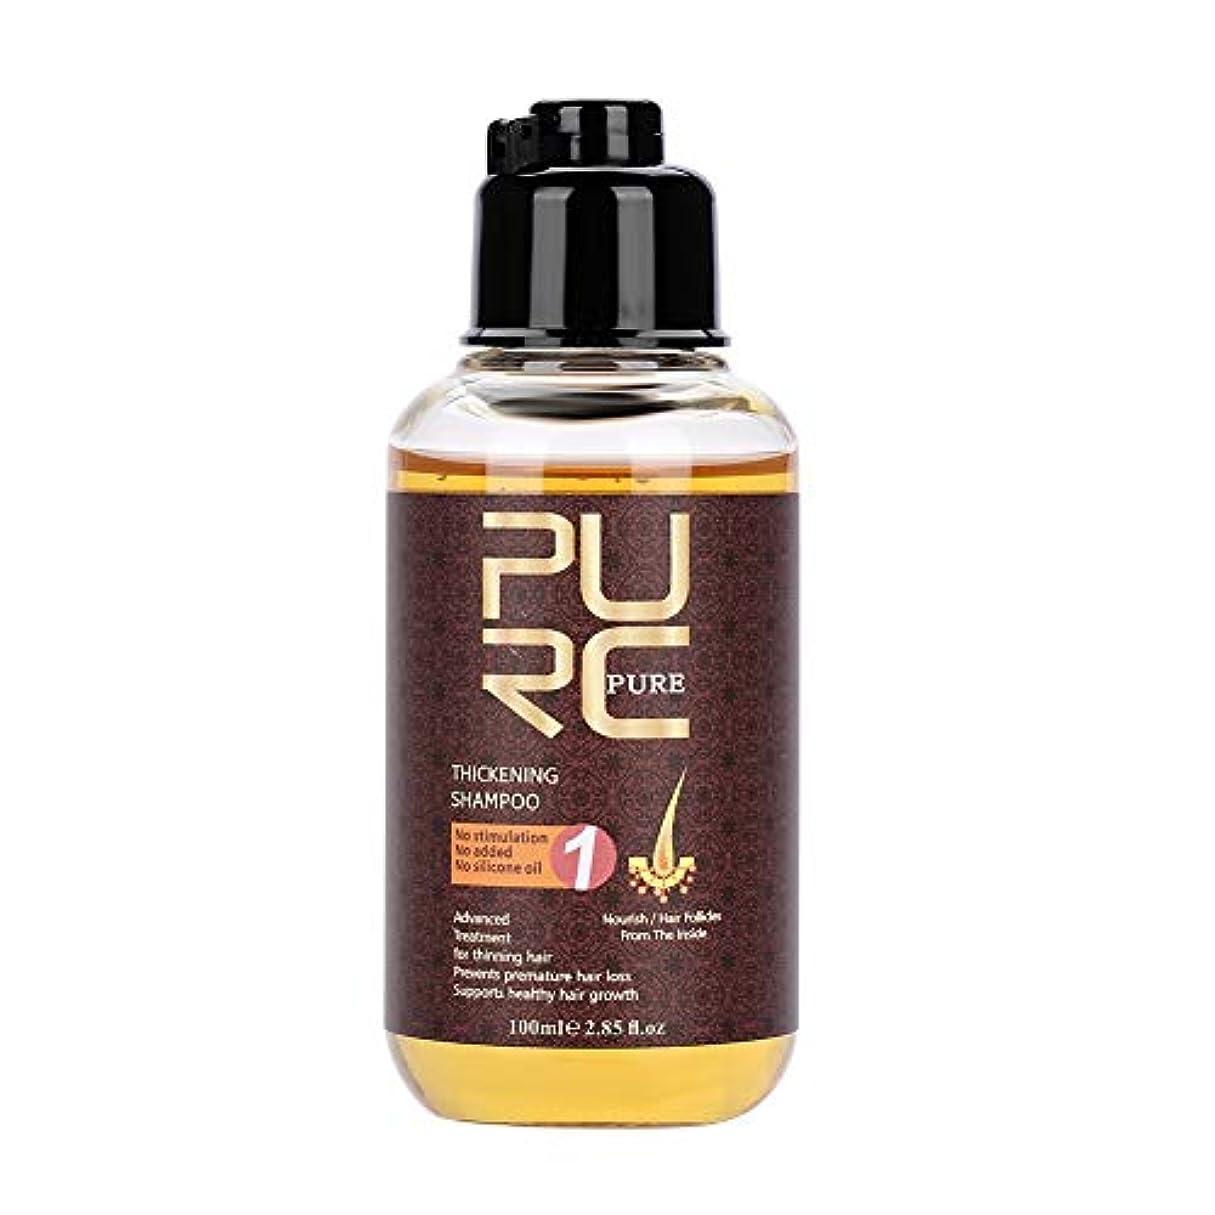 測る消費する穴育毛促進剤100ミリリットルプロのヘアケア肥厚シャンプー育毛促進毛損失促進剤